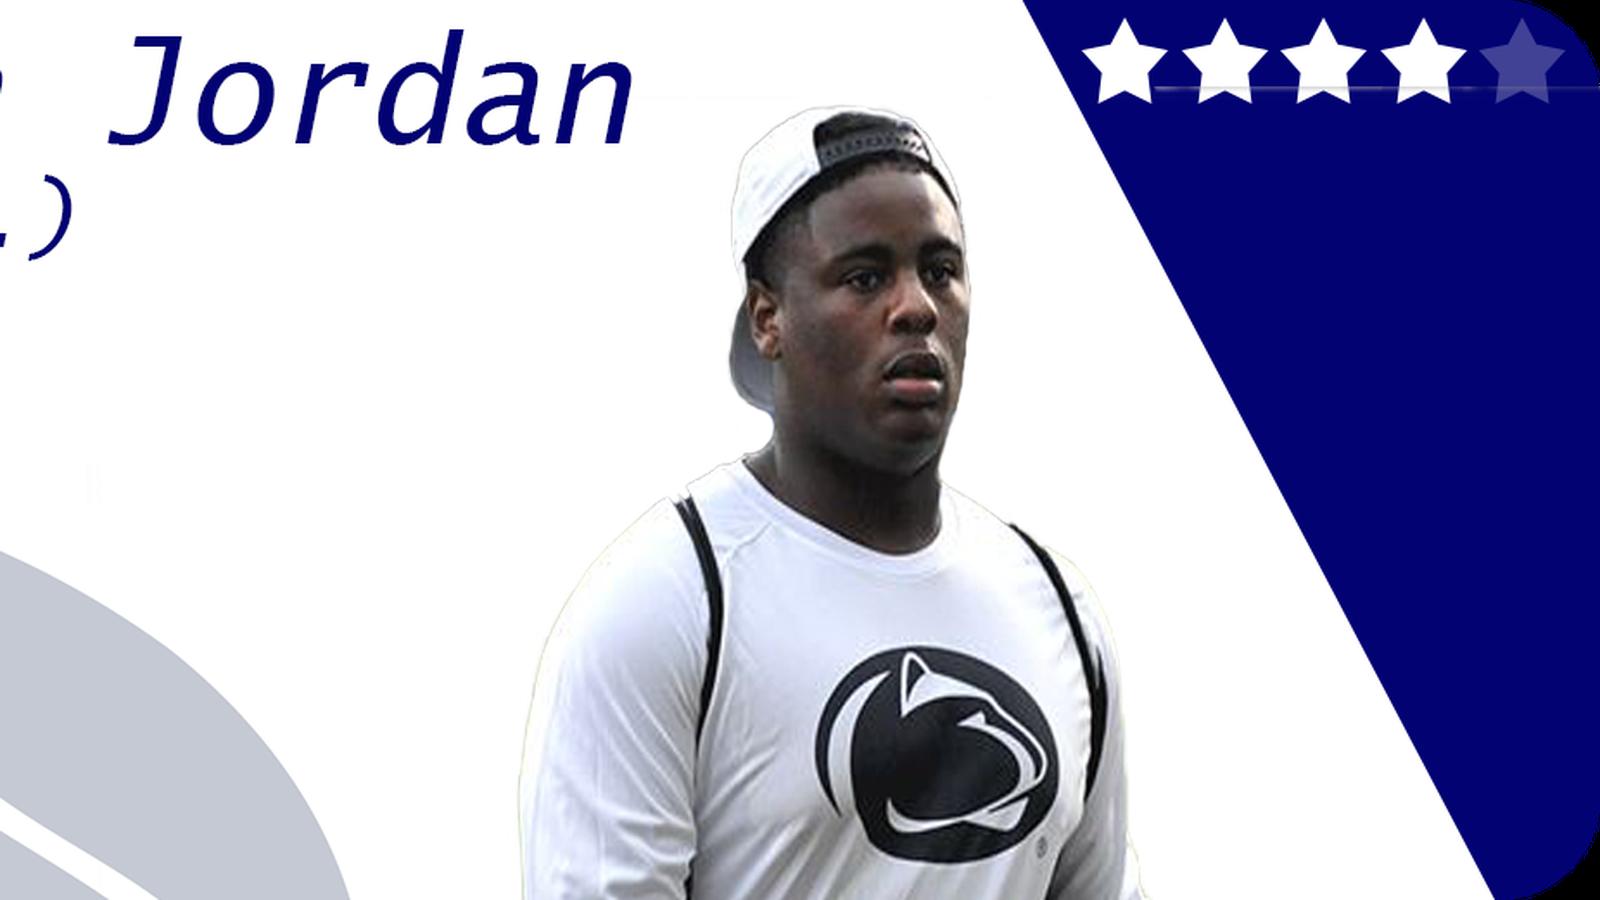 Ellison_jordan_card.0.0